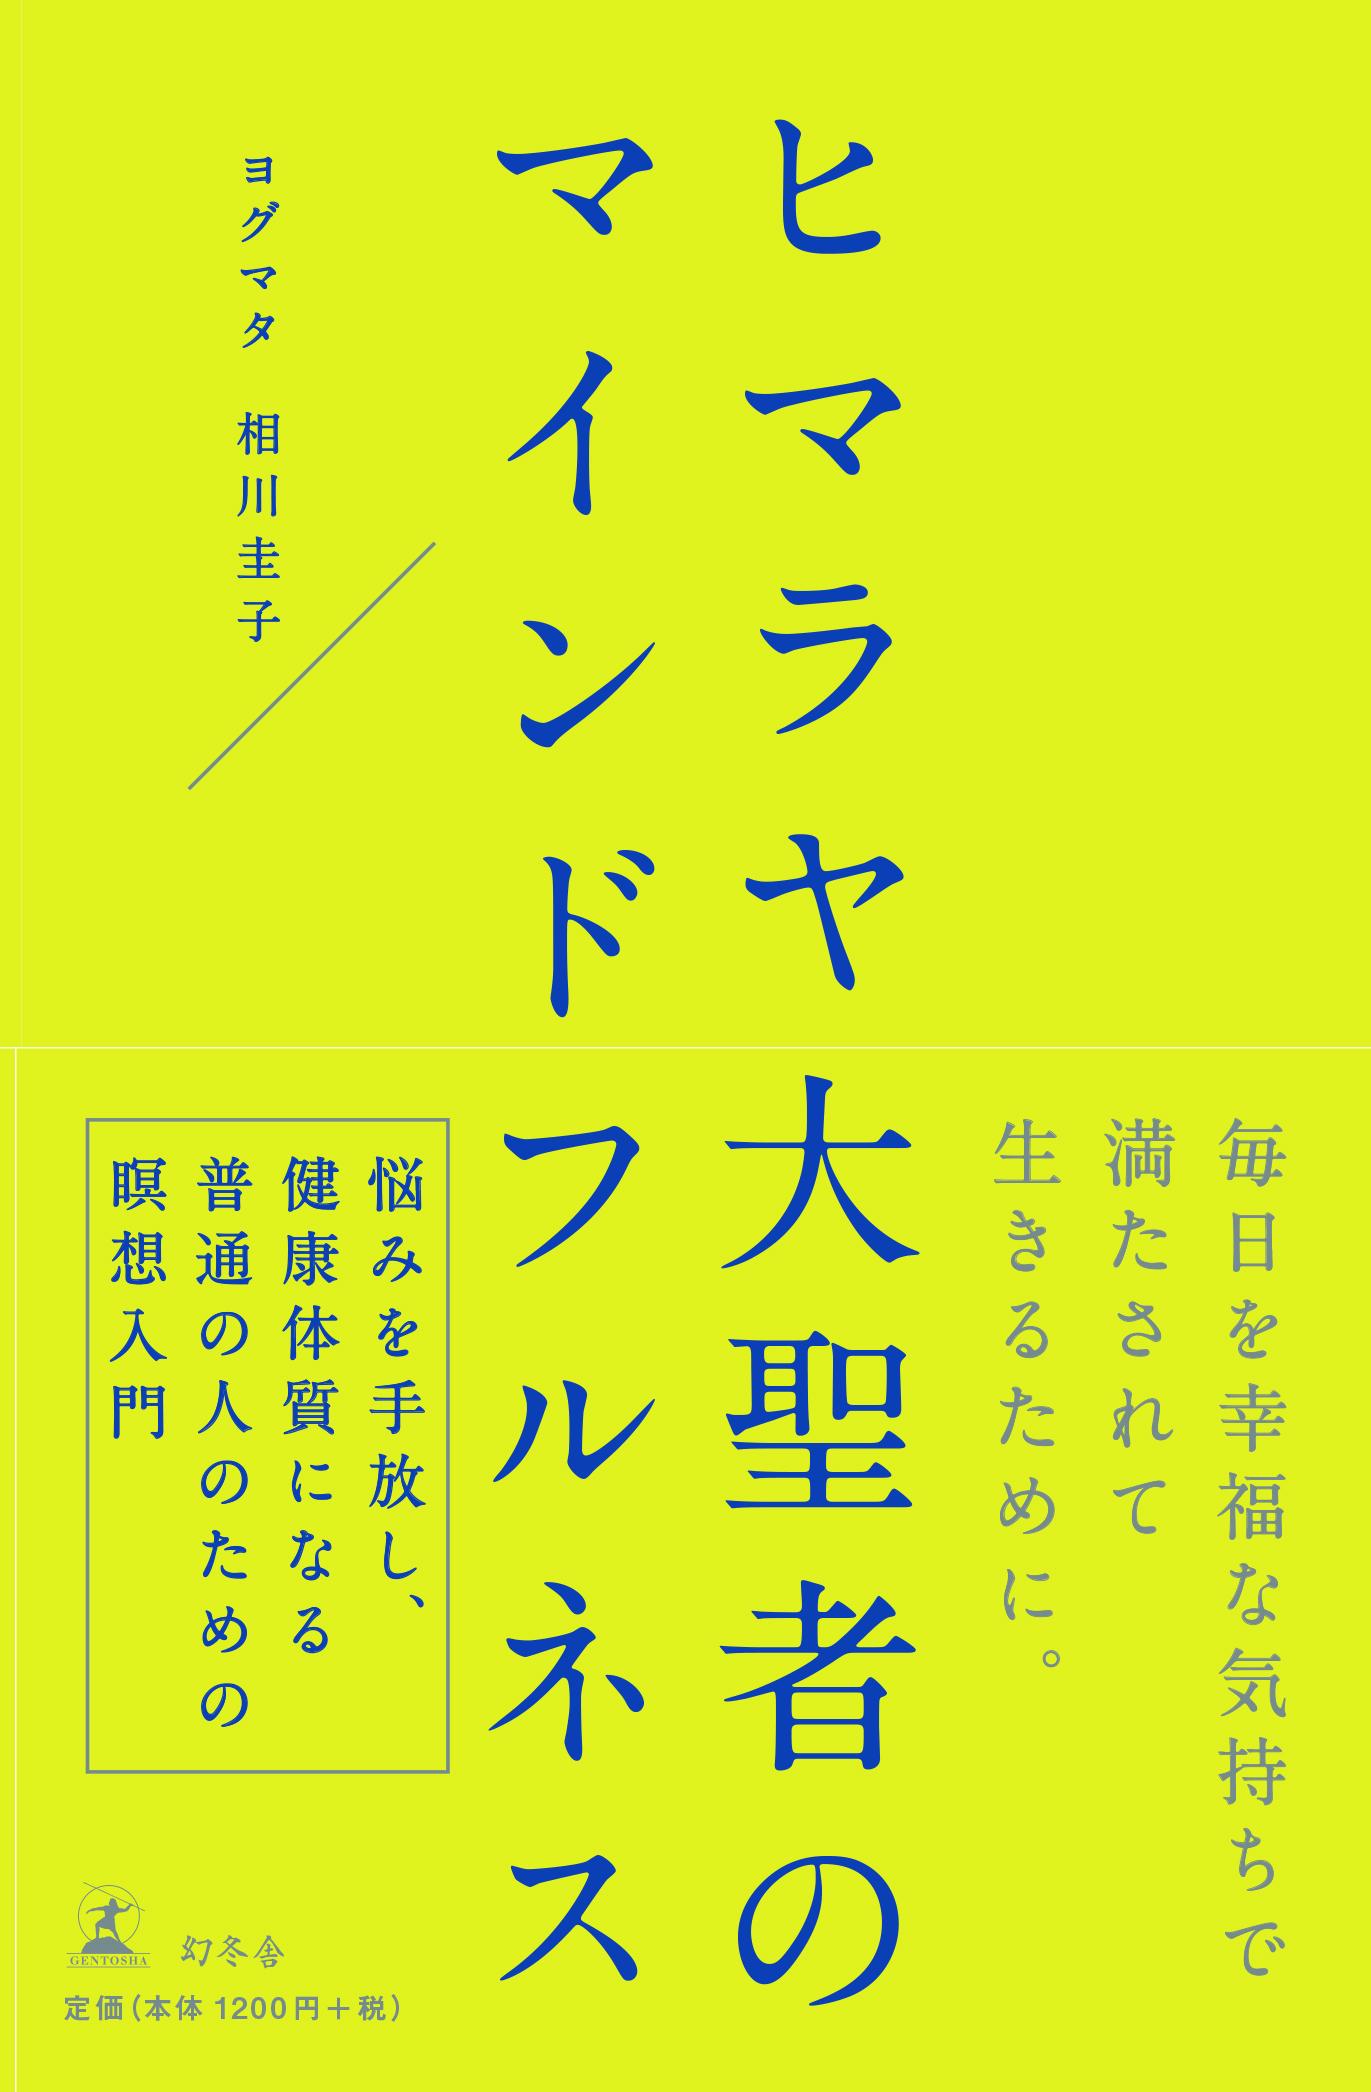 ヒマラヤ_カバー決定0118